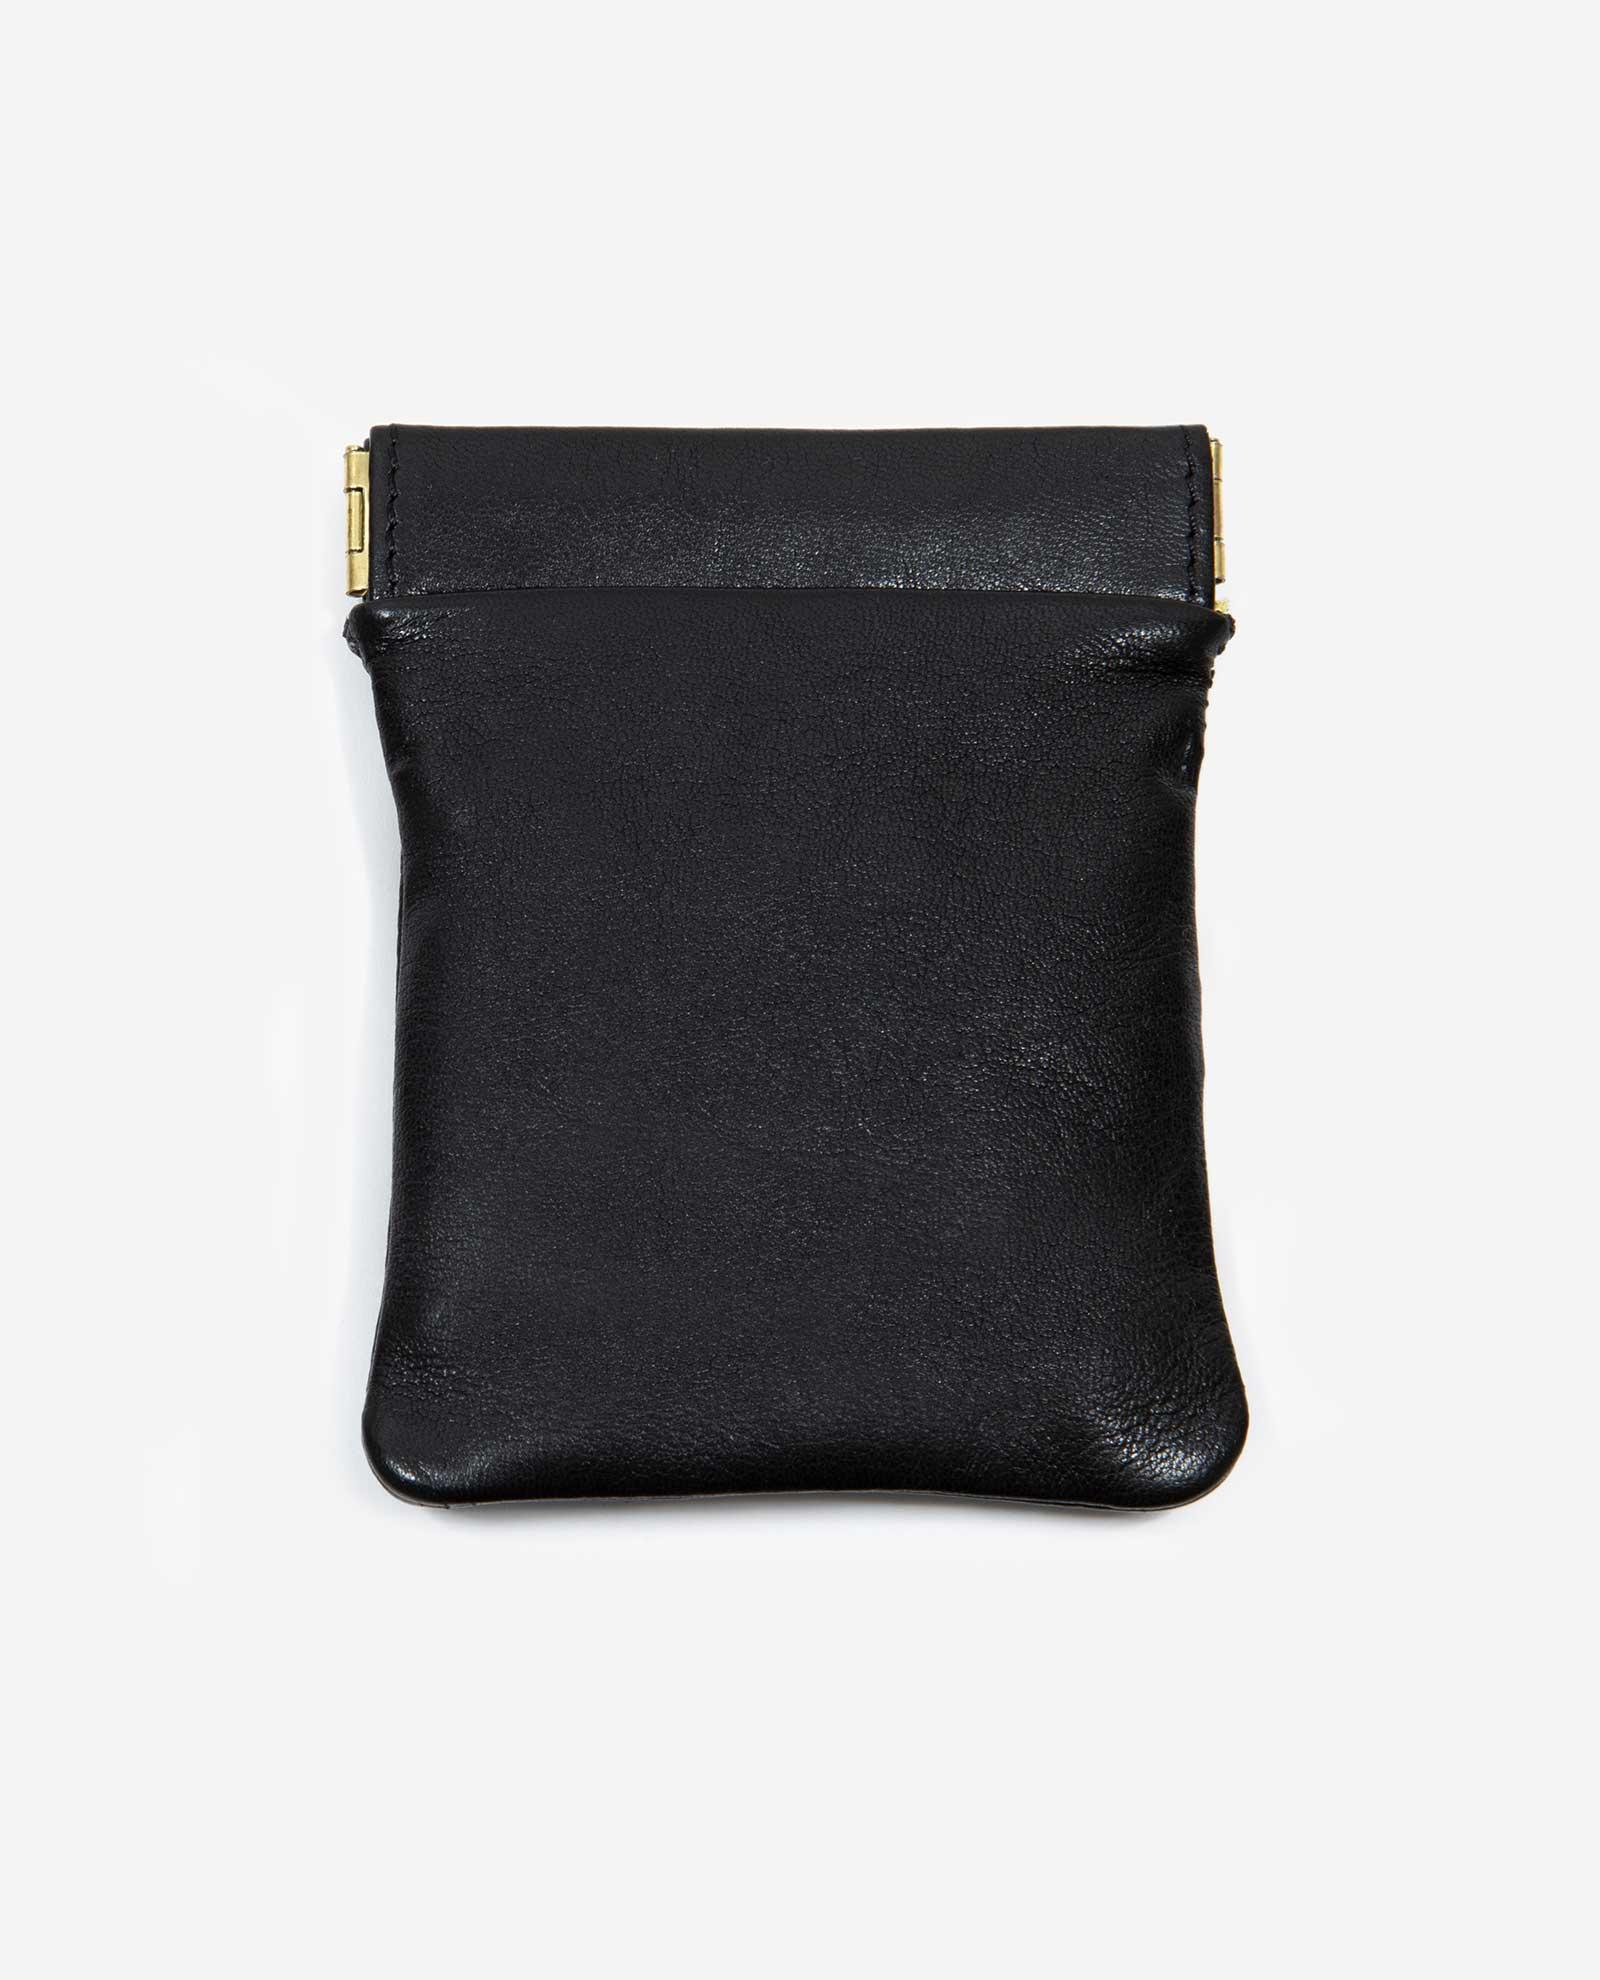 porta monedas pequeño de tela reusada y piel vegetal-NEGRA-delantera-pettythings